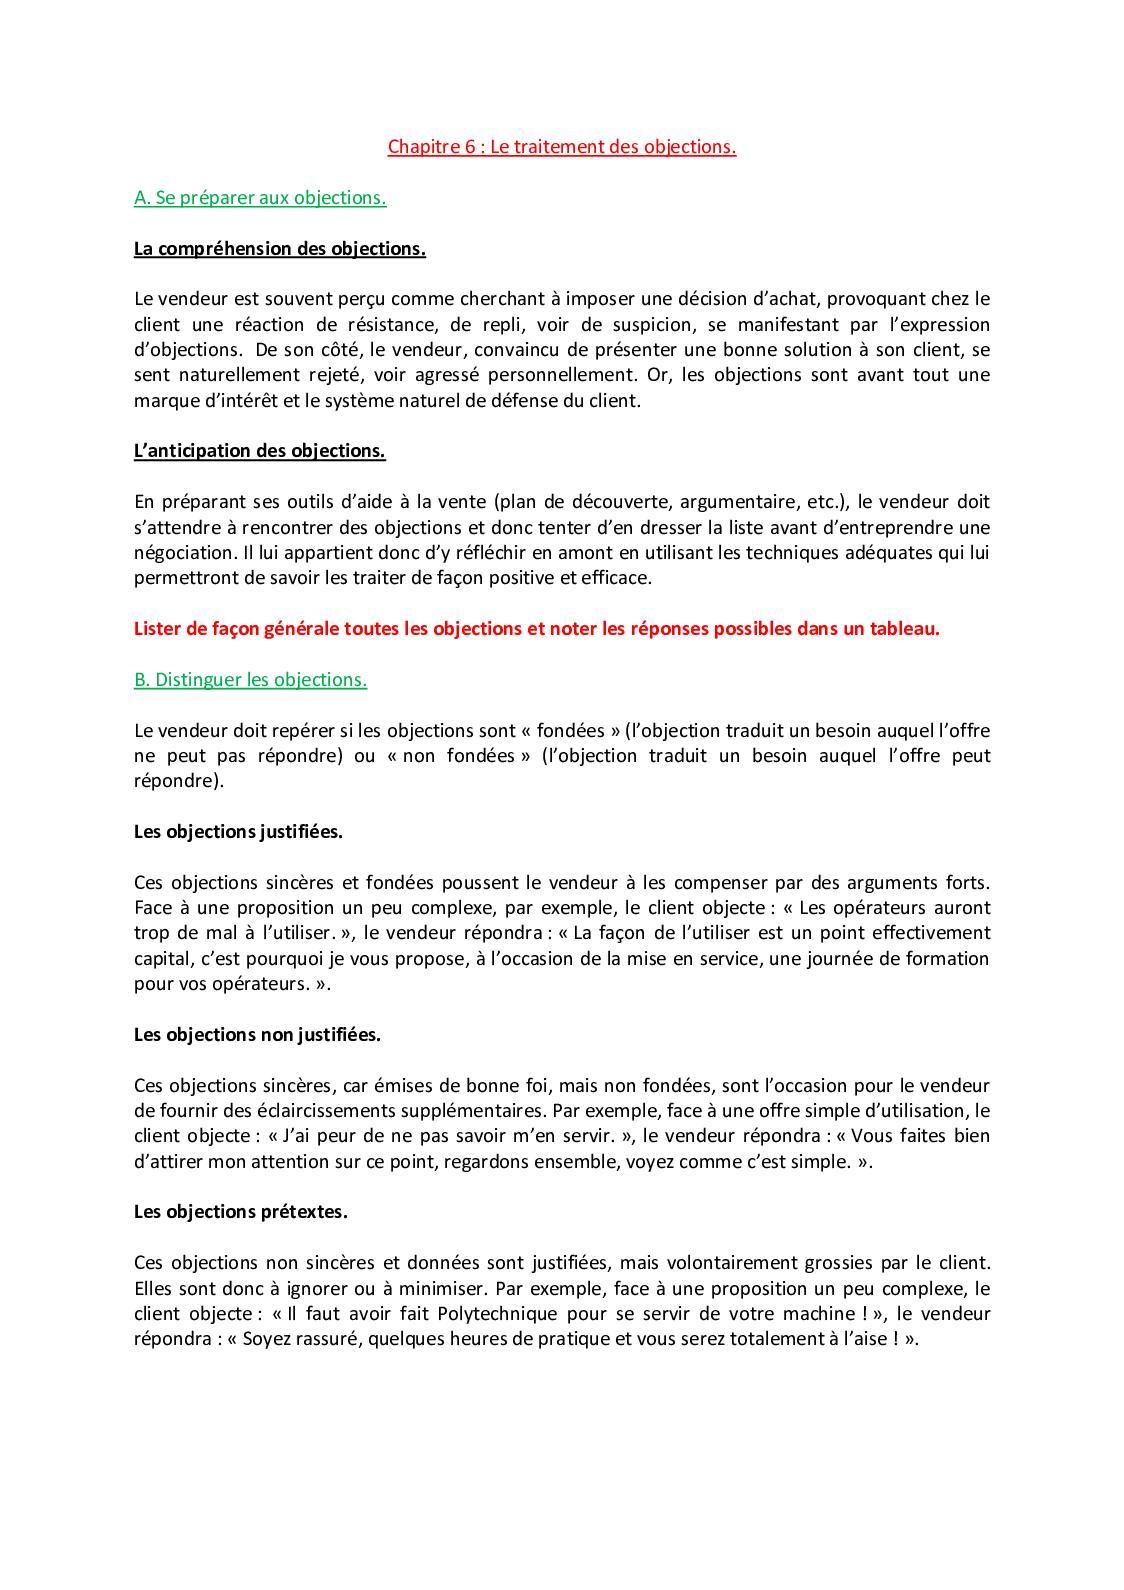 Argumentation Et Traitement Des Objections : argumentation, traitement, objections, Calaméo, Chapitre, Traitement, Objections